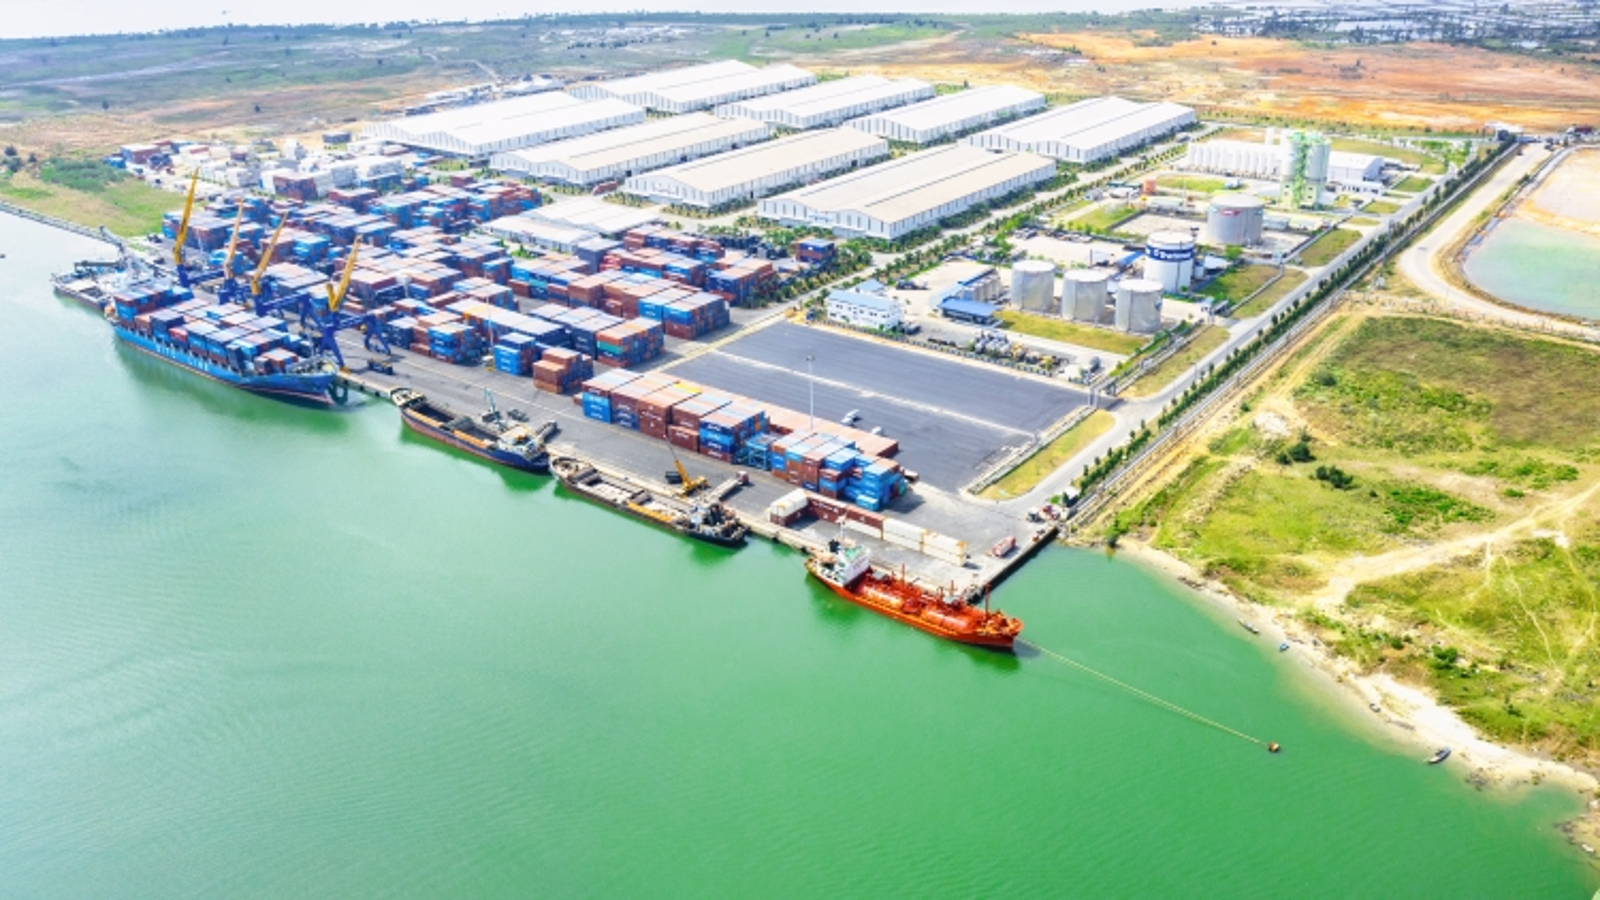 Cảng Chu Lai - Cửa ngõ xuất khẩu hàng hóa mới tại miền Trung